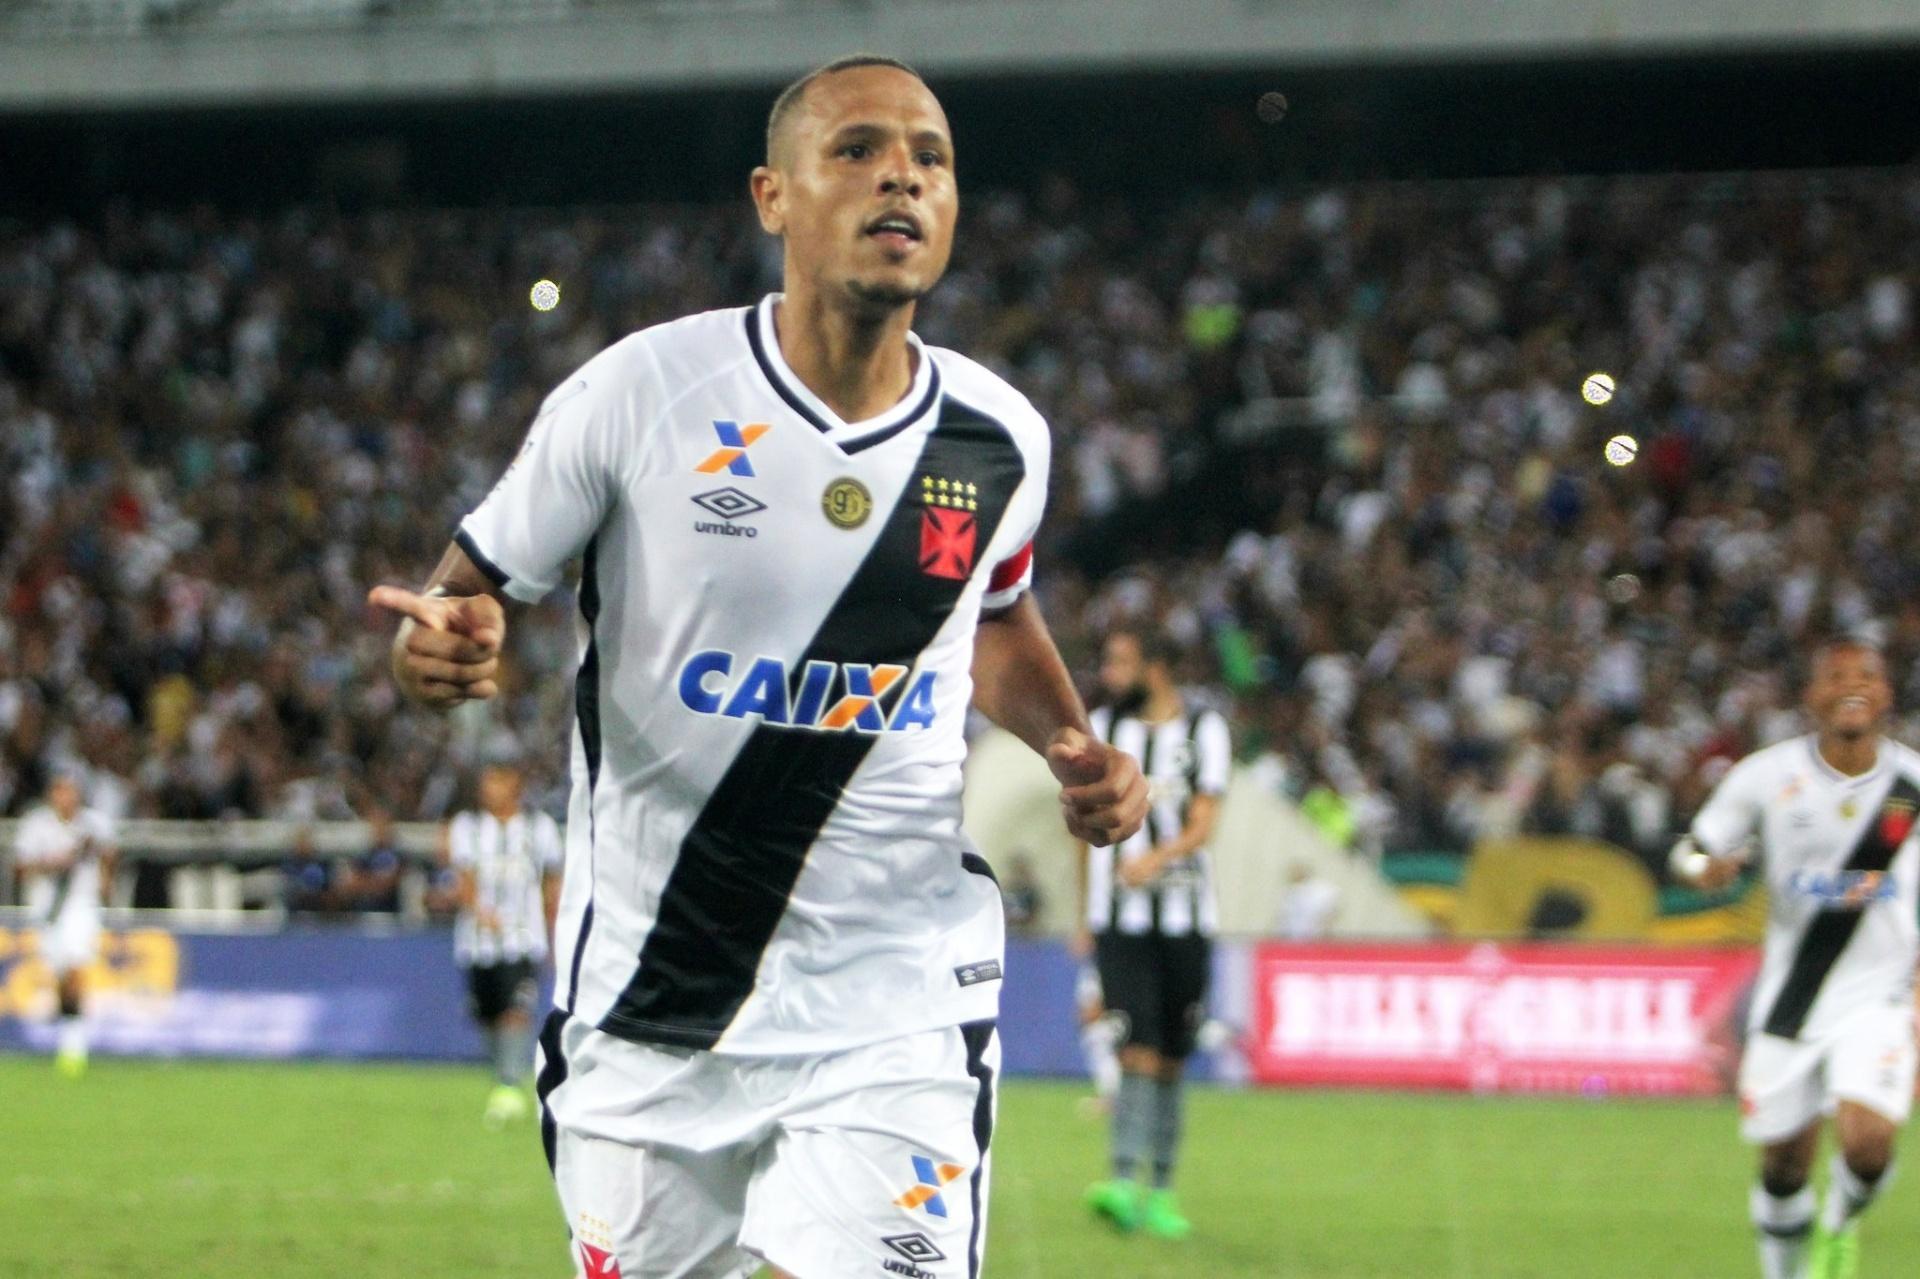 Luis Fabiano recebe do Vasco camisa dos mil gols de Romário e diz